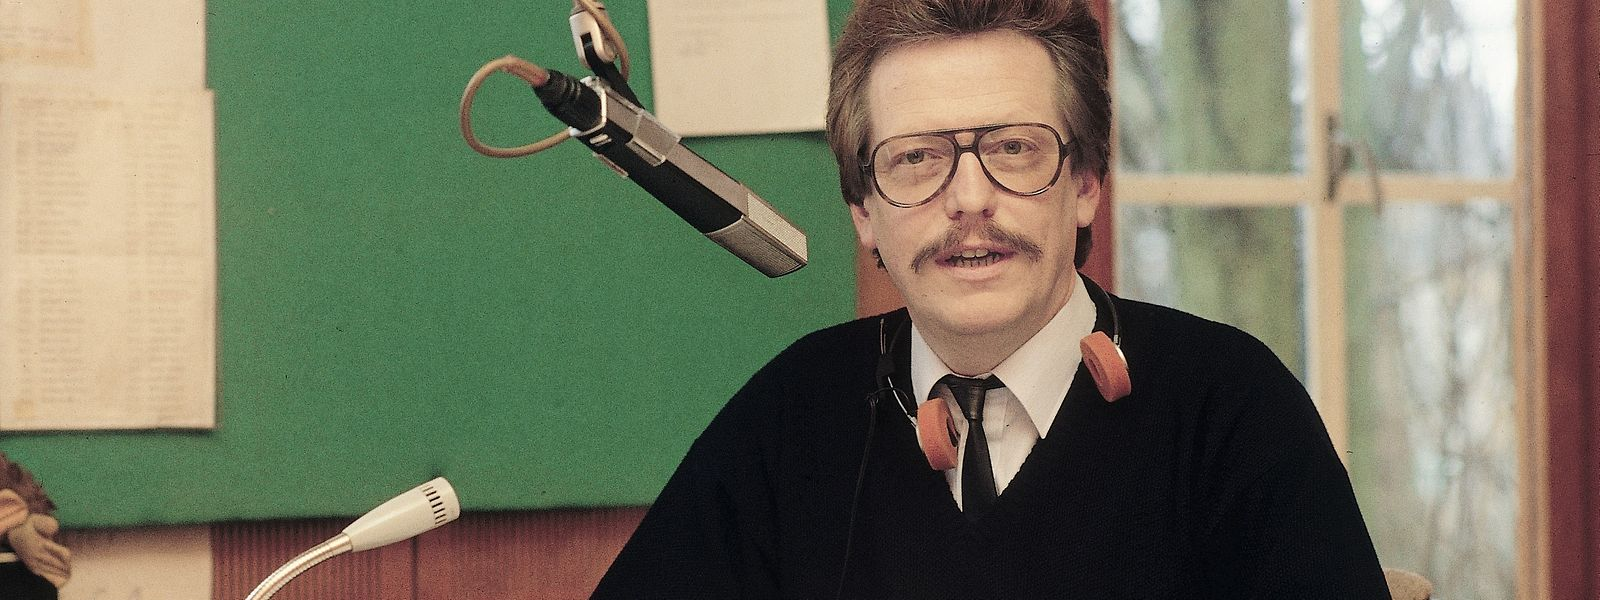 Jochen Pützenbacher arbeitete 27 Jahre lang bei RTL.